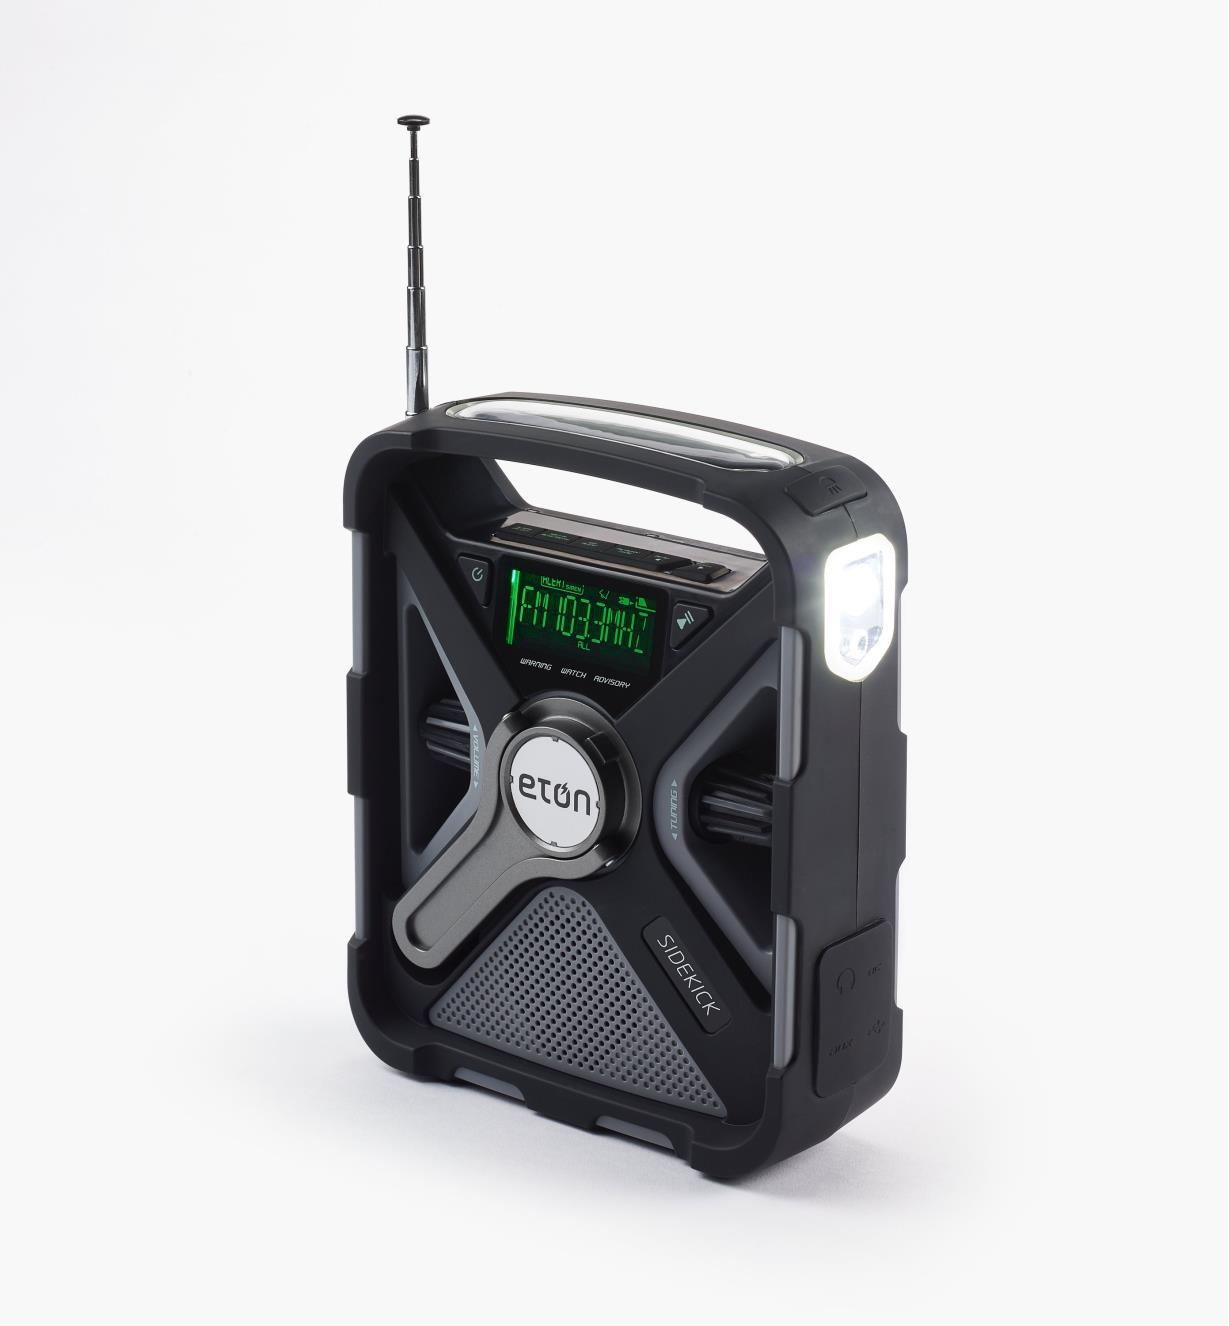 KC523 - Radio météo d'urgence Bluetooth Eton